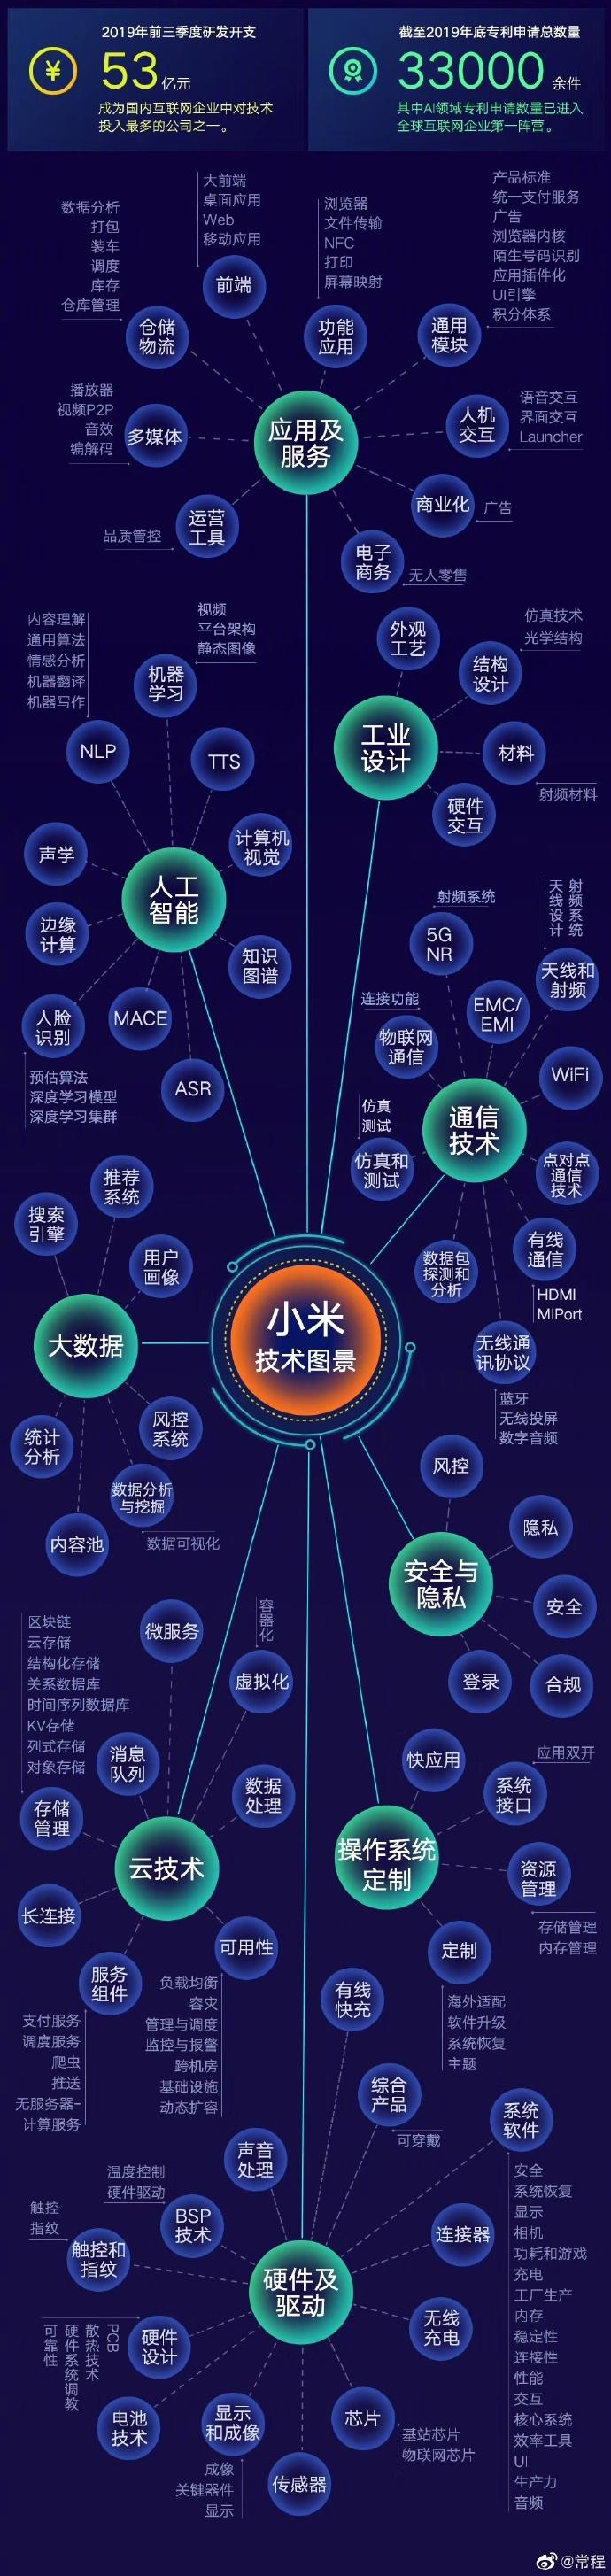 小米前三季度的技术支出达53亿元 去年申请33000件专利